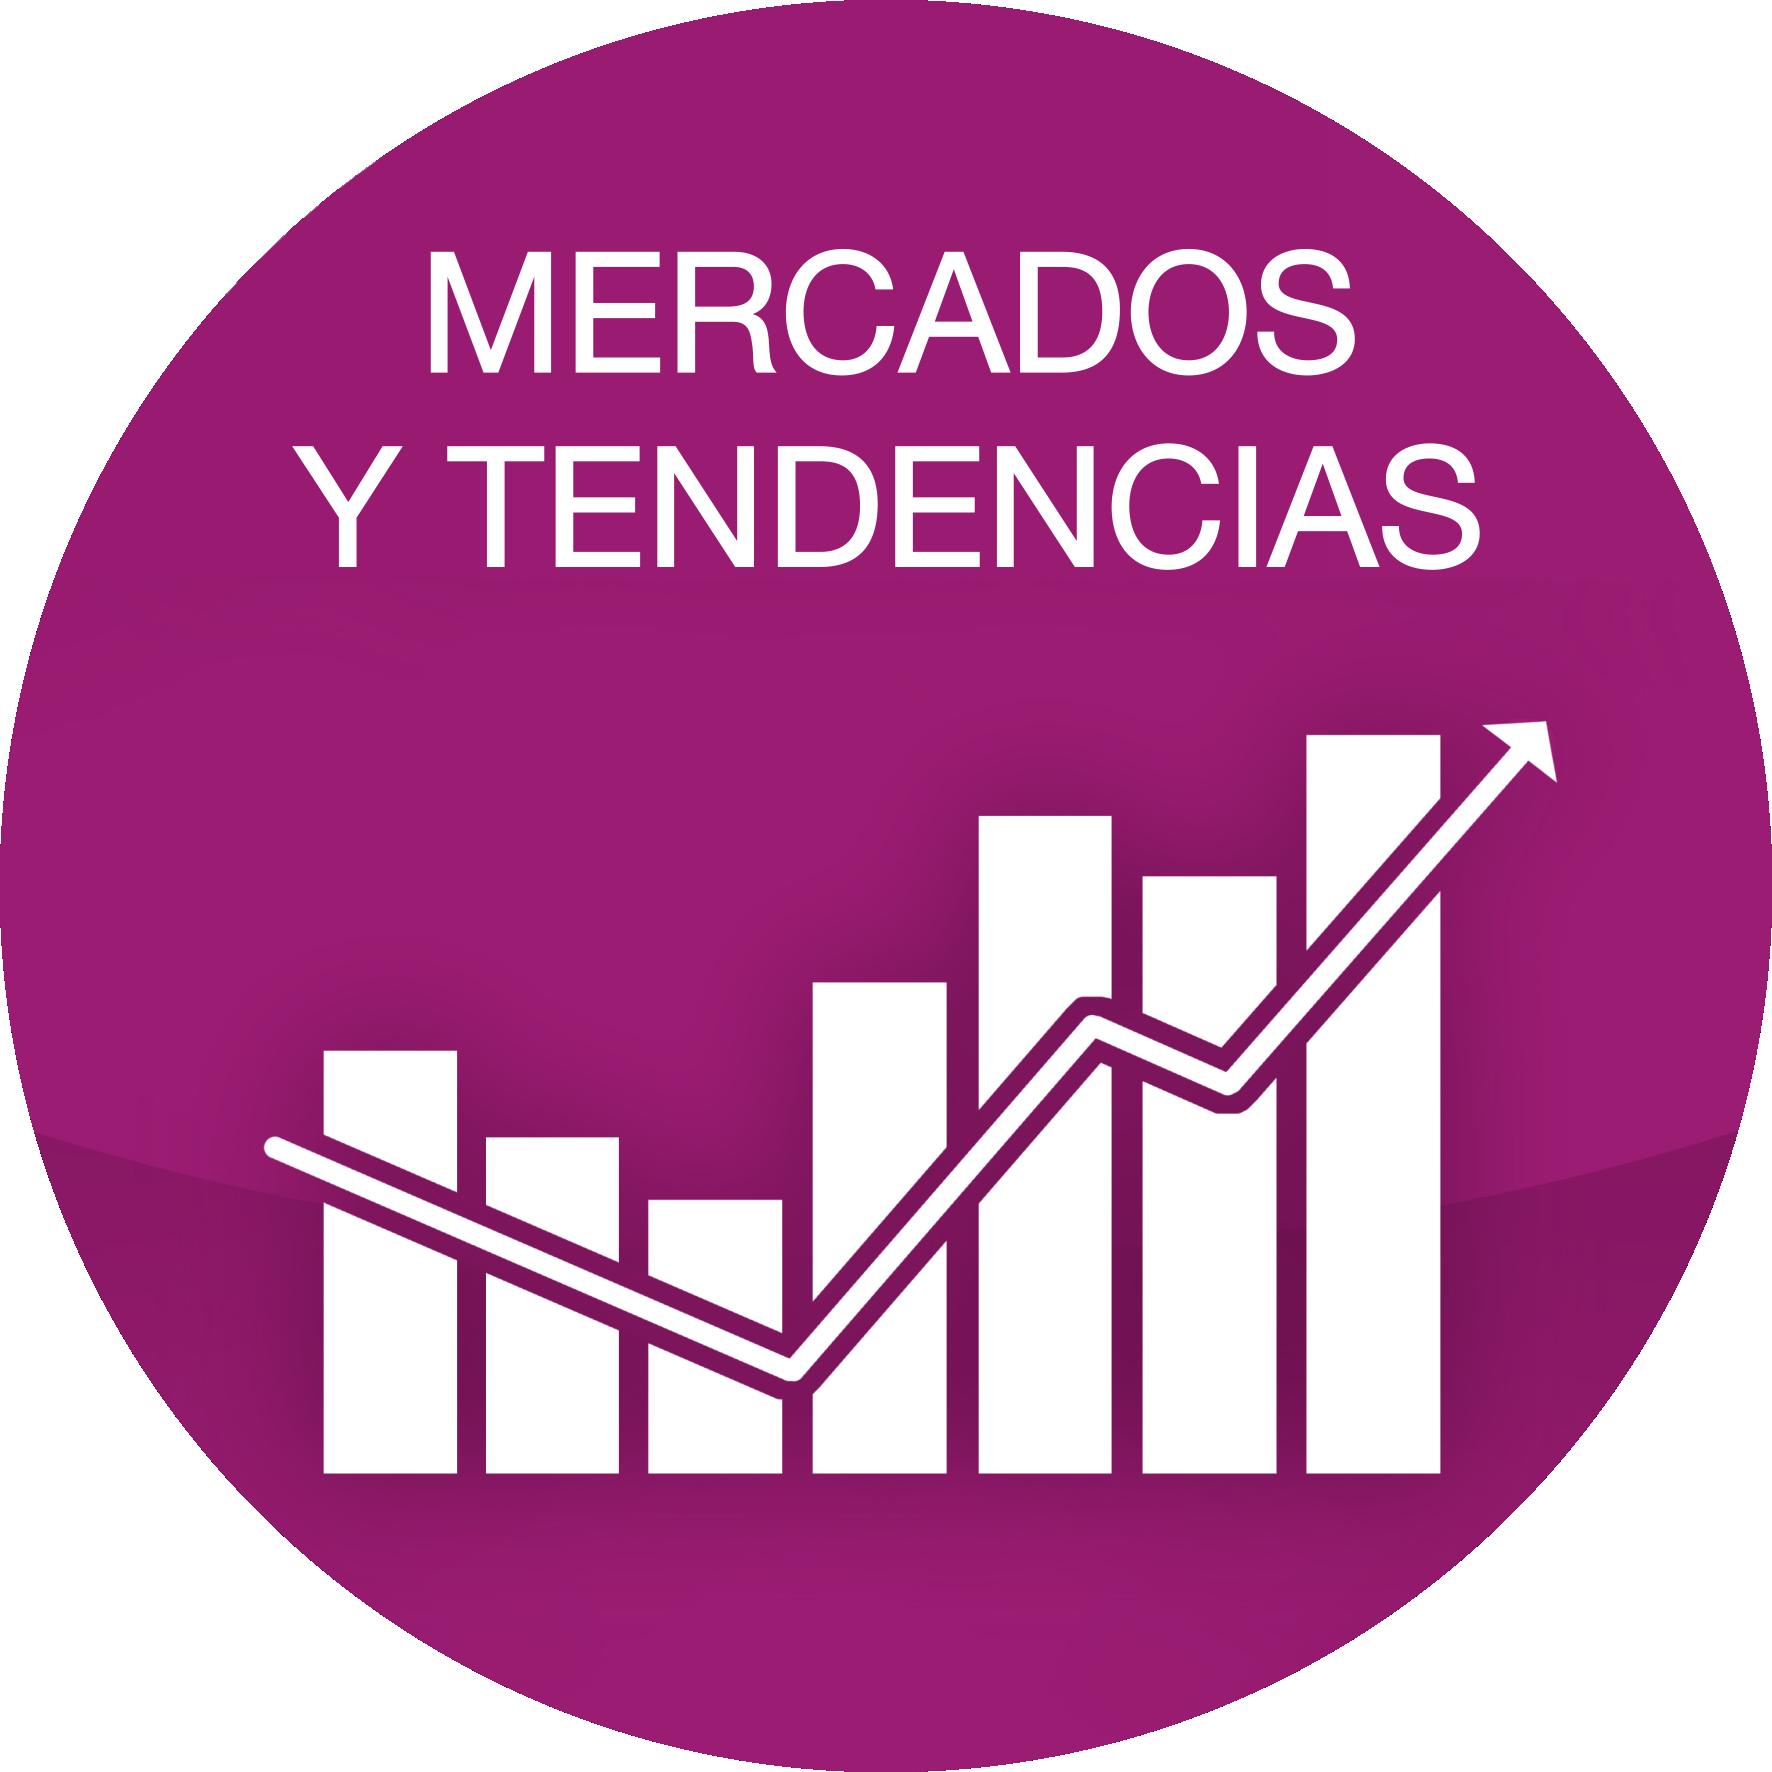 mercados y tendencias